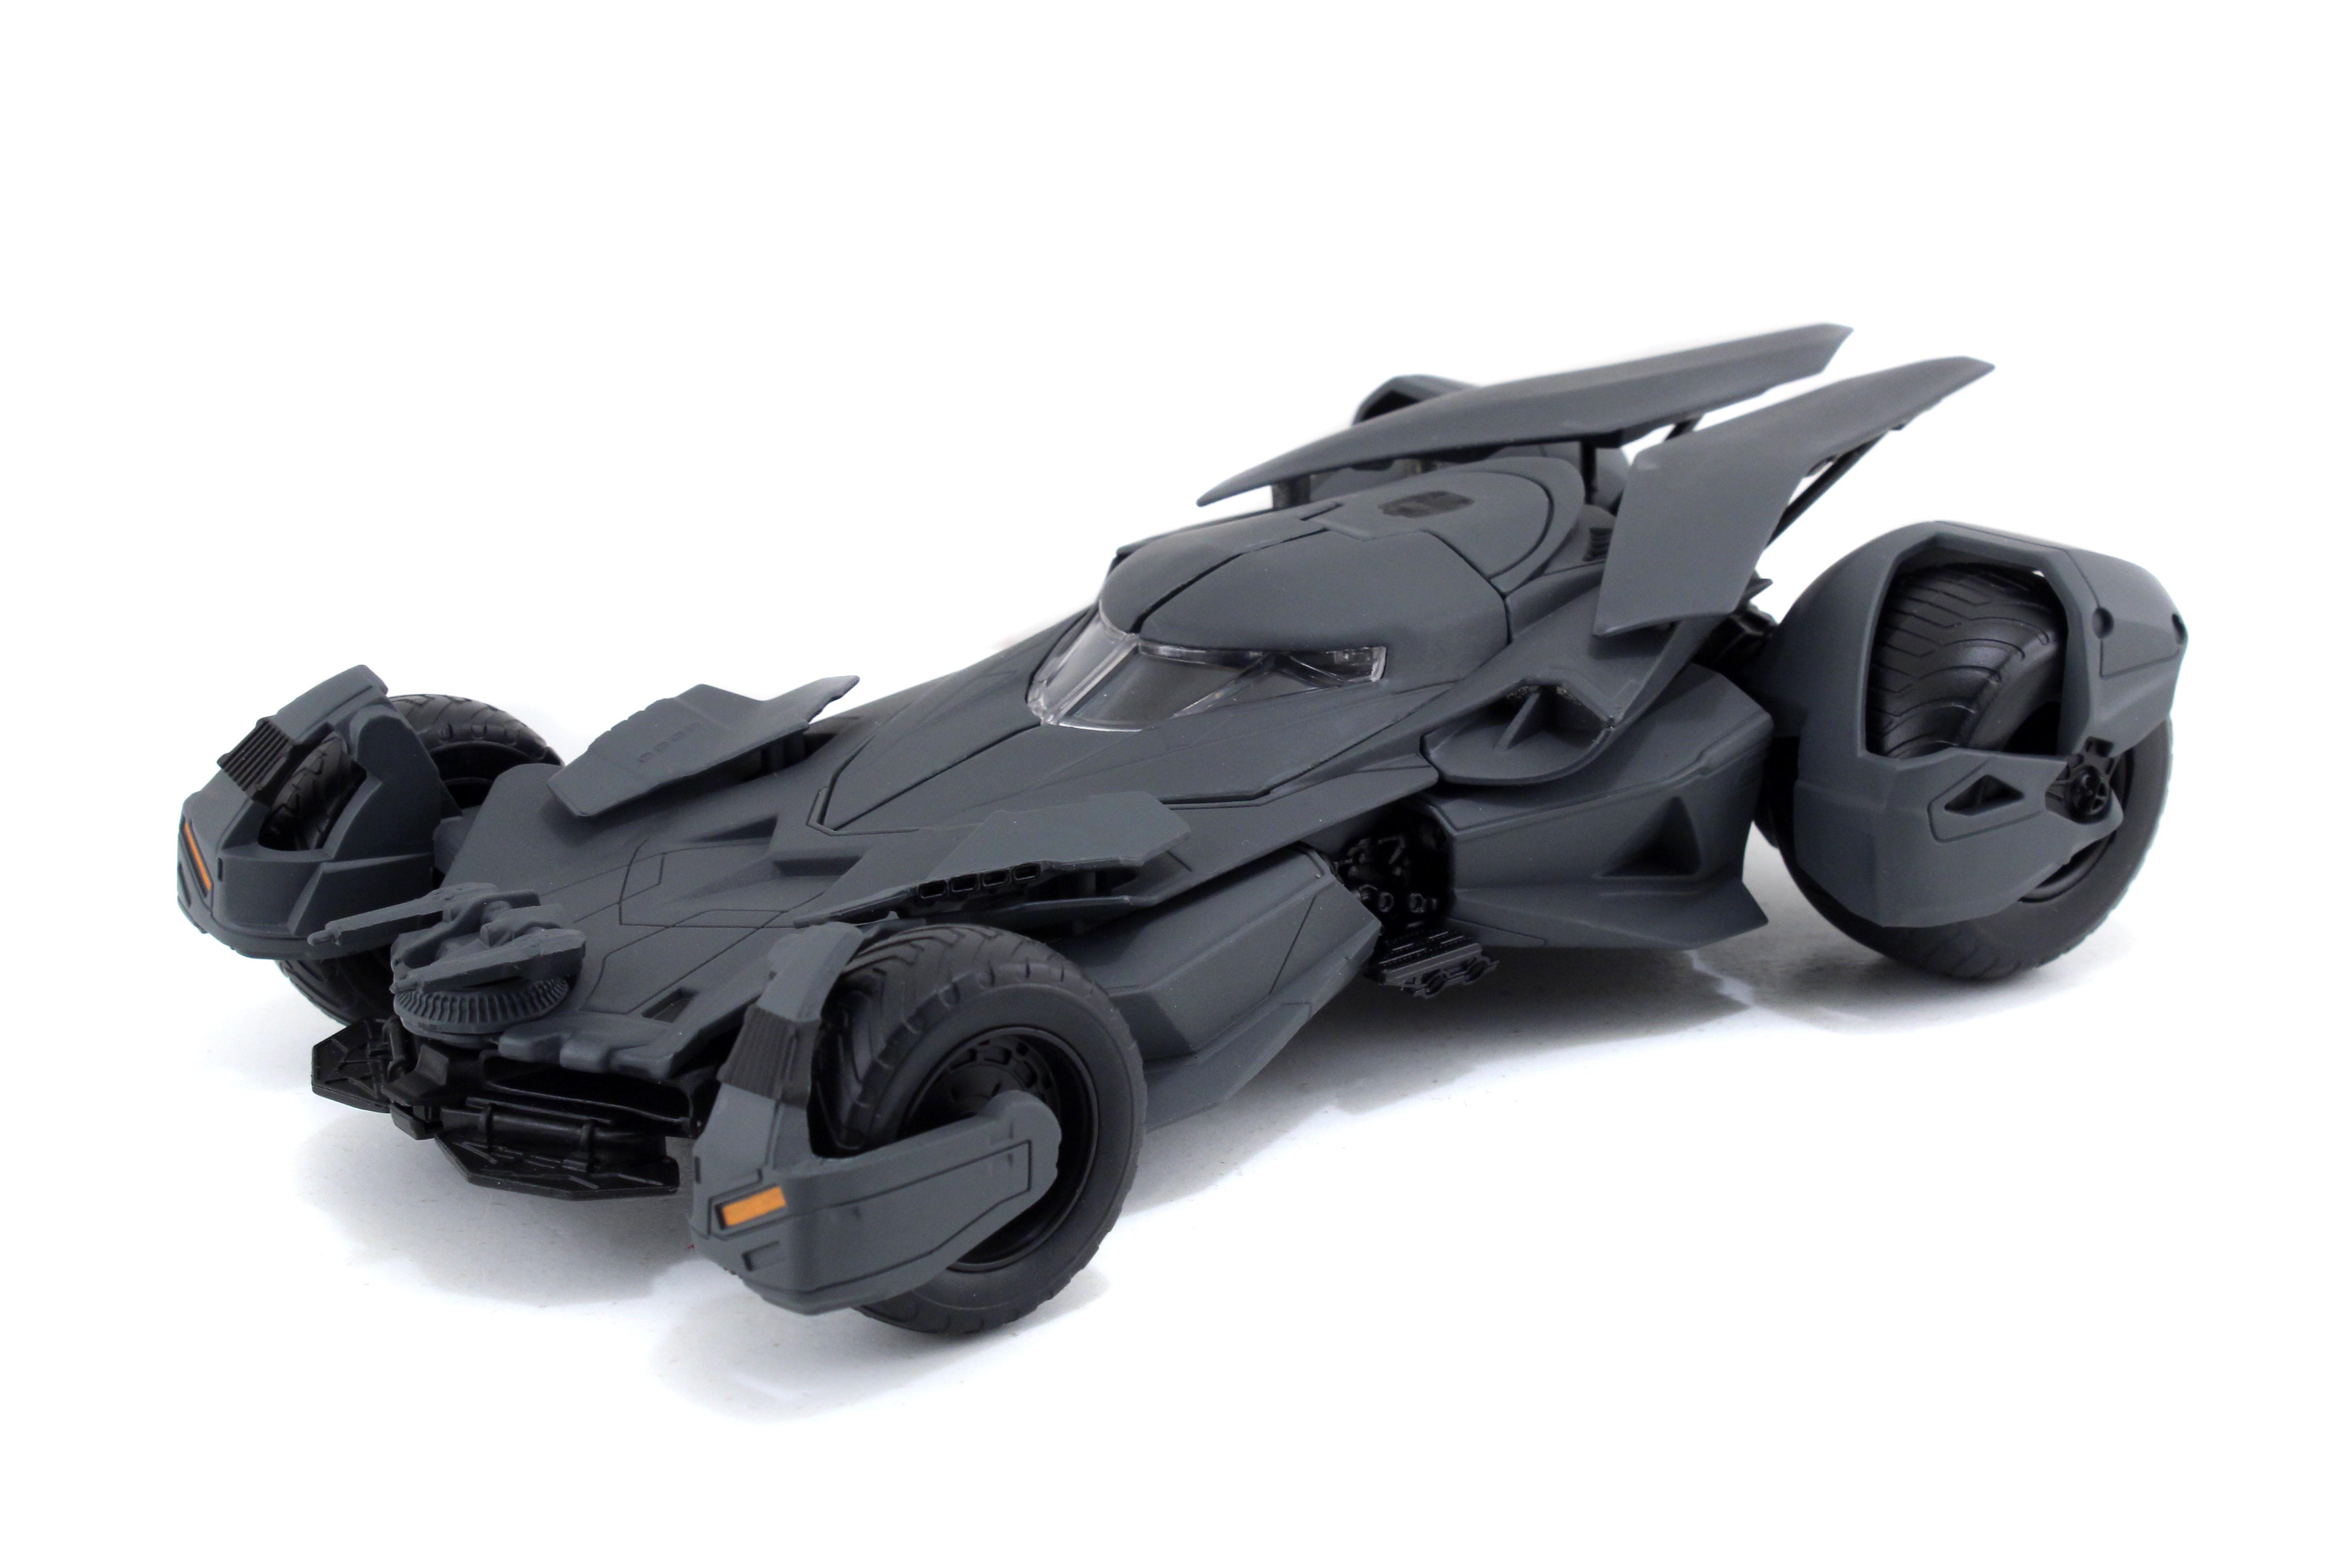 Коллекционная металлическая модель DC Comics: Бэтмобиль – Бэтмен против Супермена: На заре справедливости – Batman v Superman: Dawn of Justice Batmobile Model Kit Grey (1:24)Представляем вашему вниманию коллекционную металлическую модель Бэтмобиль: Бэтмен против Супермена: На заре справедливости – Batman v Superman: Dawn of Justice Batmobile Model Kit Grey, созданную по мотивам, созданную по мотивам фильма Зака Снайдера «Бэтмен против Супермена: На заре справедливости», который является экранизацией одноимённых комиксов издательства DC Comics.<br>